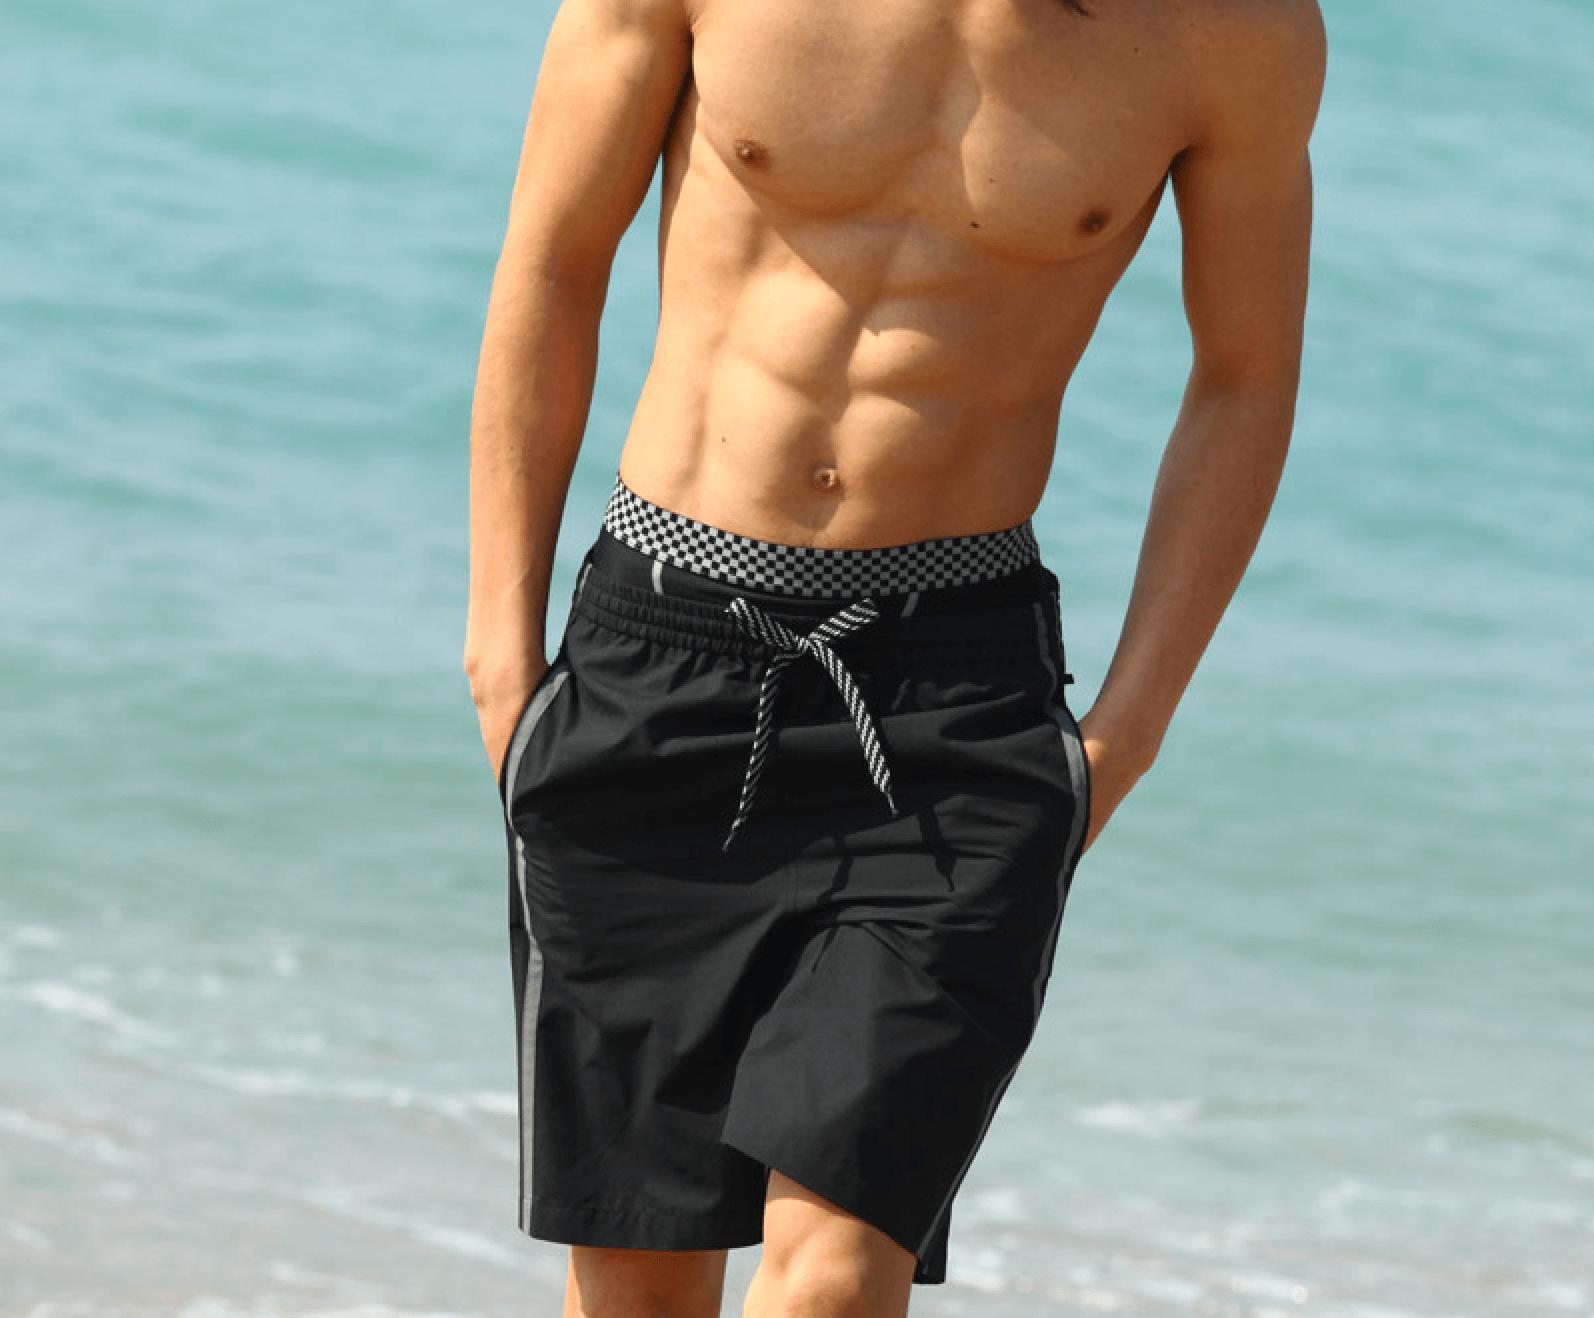 インナーをチラ見せして水着を履いた男性